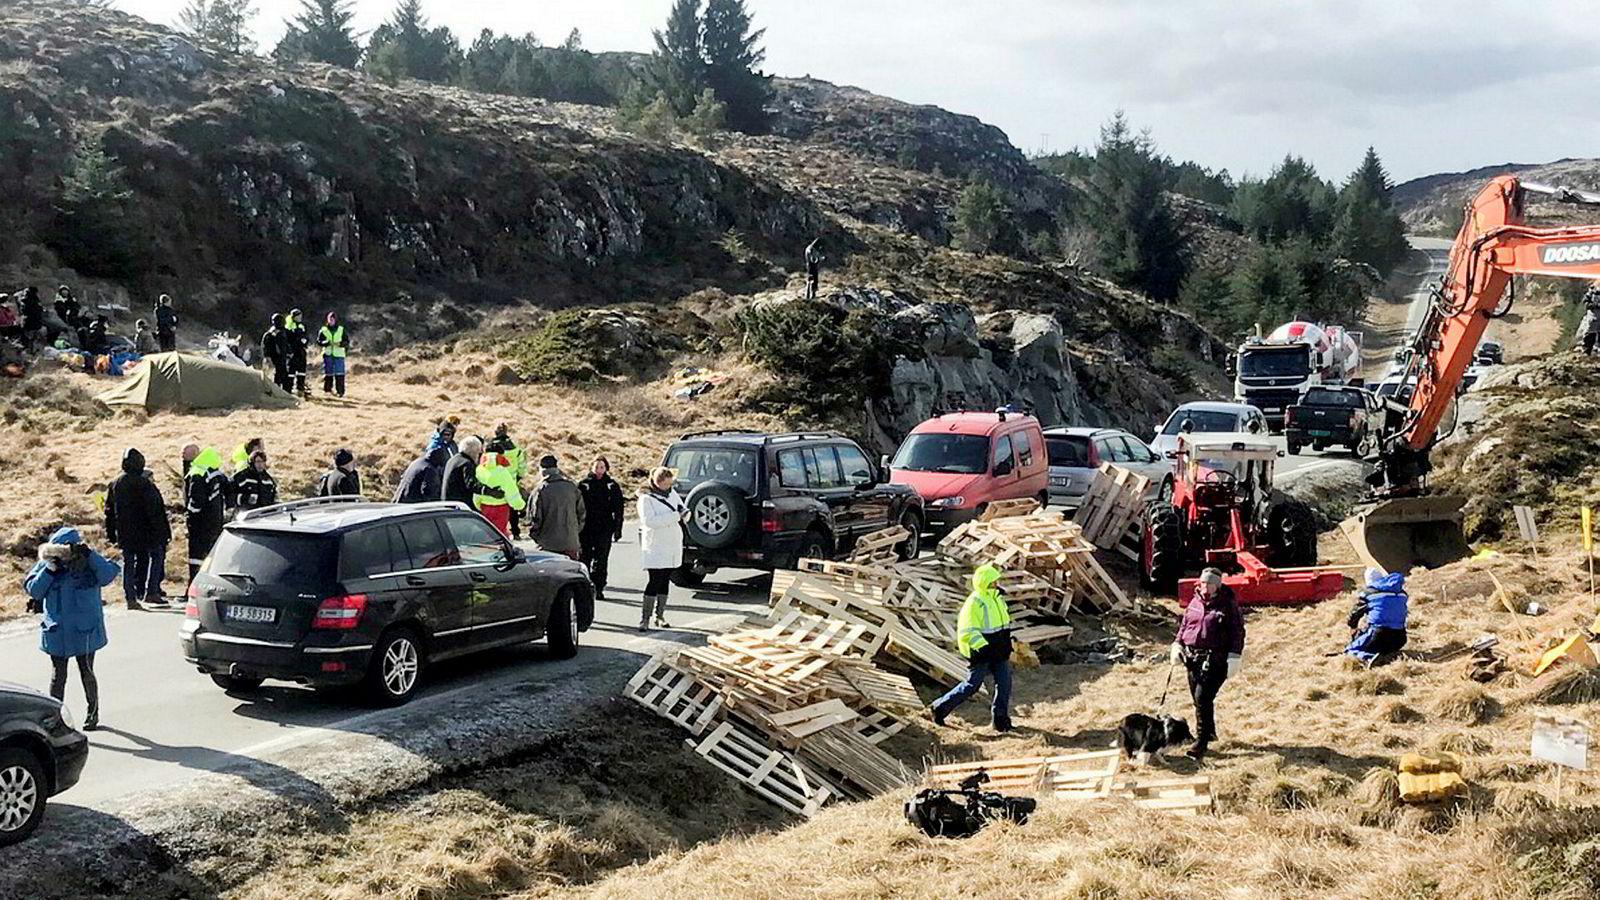 Aksjonister, feilparkerte biler og paller i terrenget har gjort det vanskelig for TrønderEnergi å starte byggingen av vindparken på Frøya. Torsdag la også kommunepolitikerne formelle hindringer i veien for prosjektet.